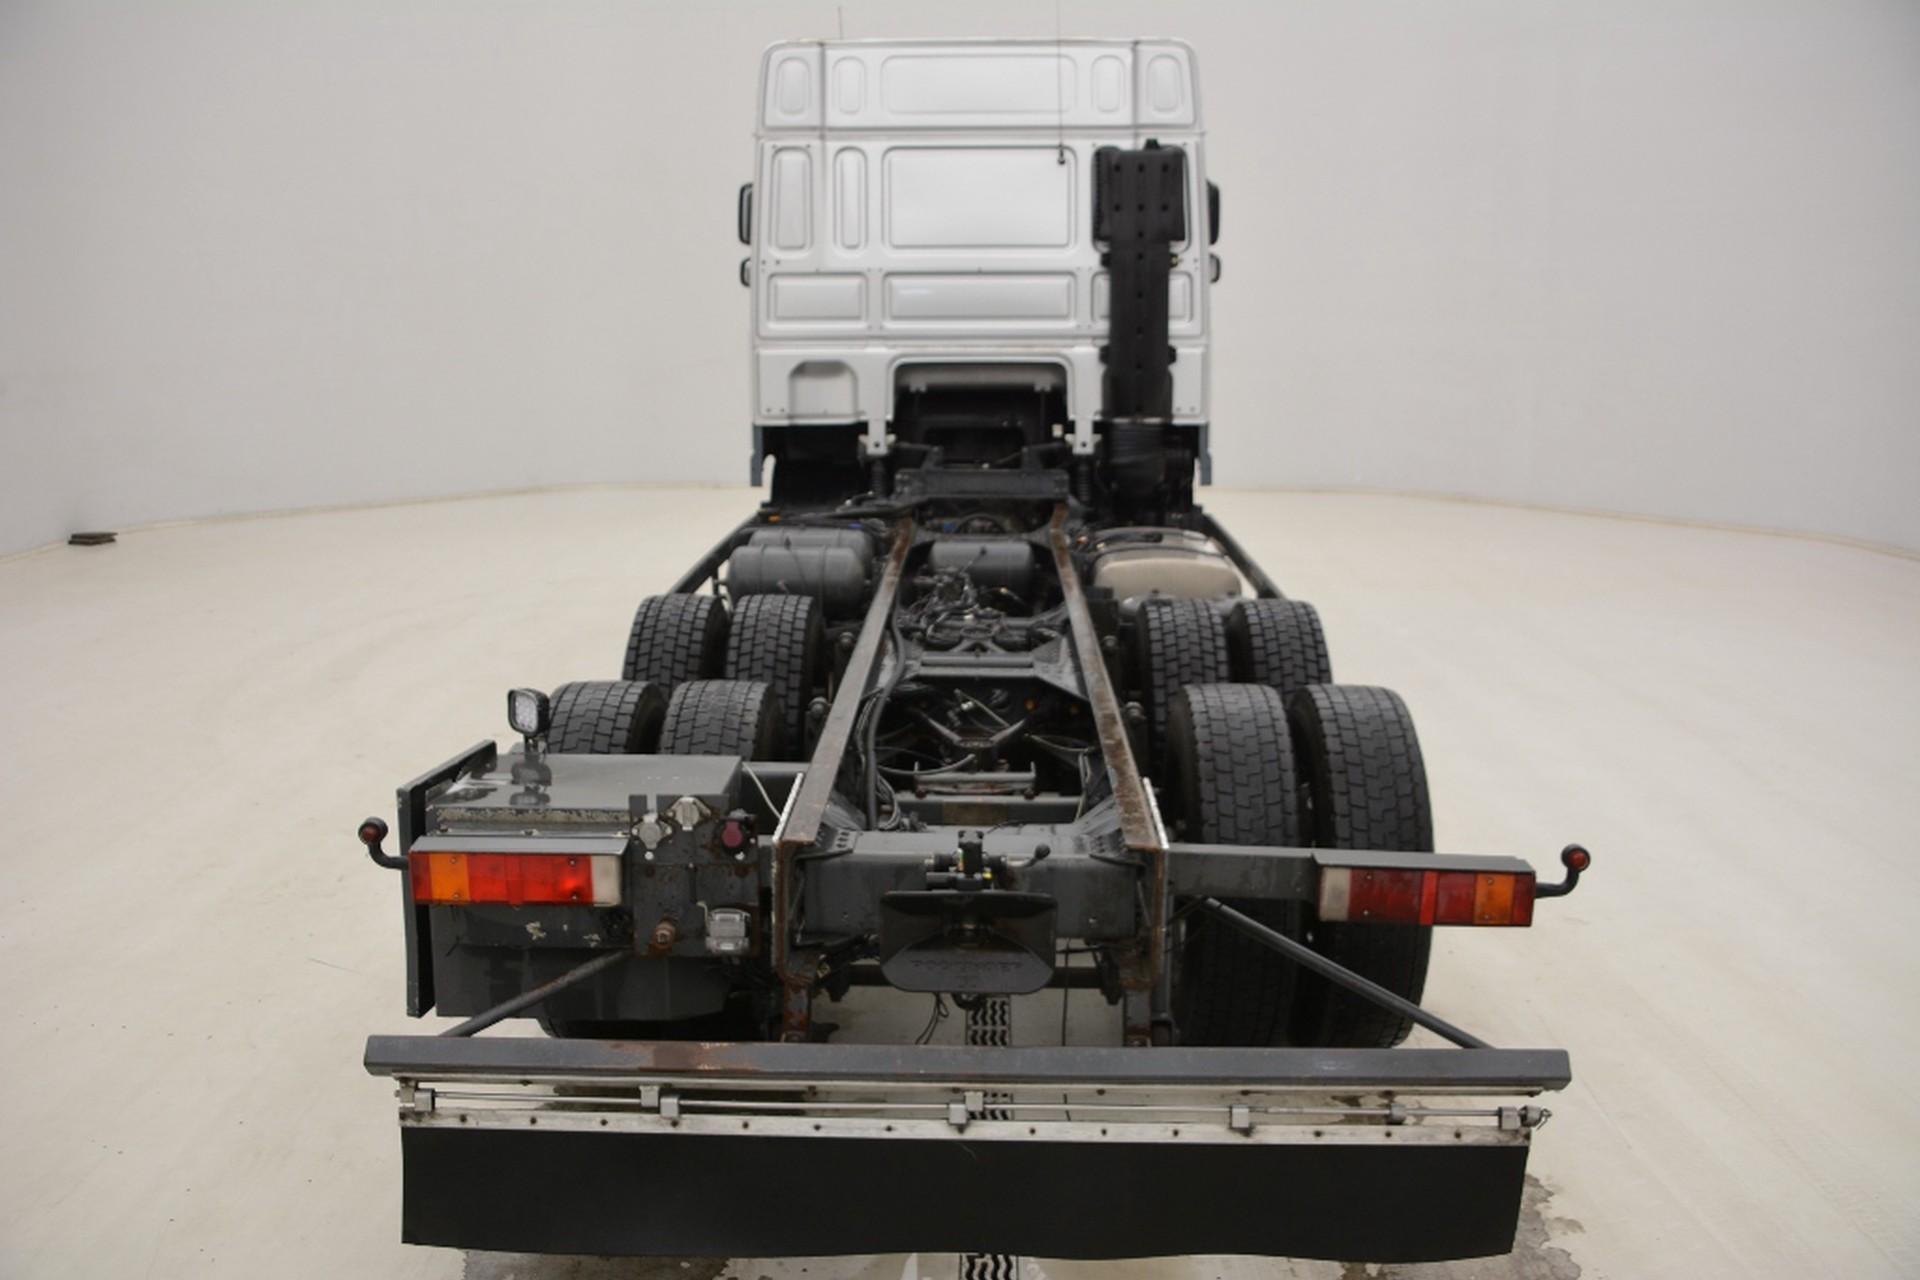 DAF XF105.410 Space Cab